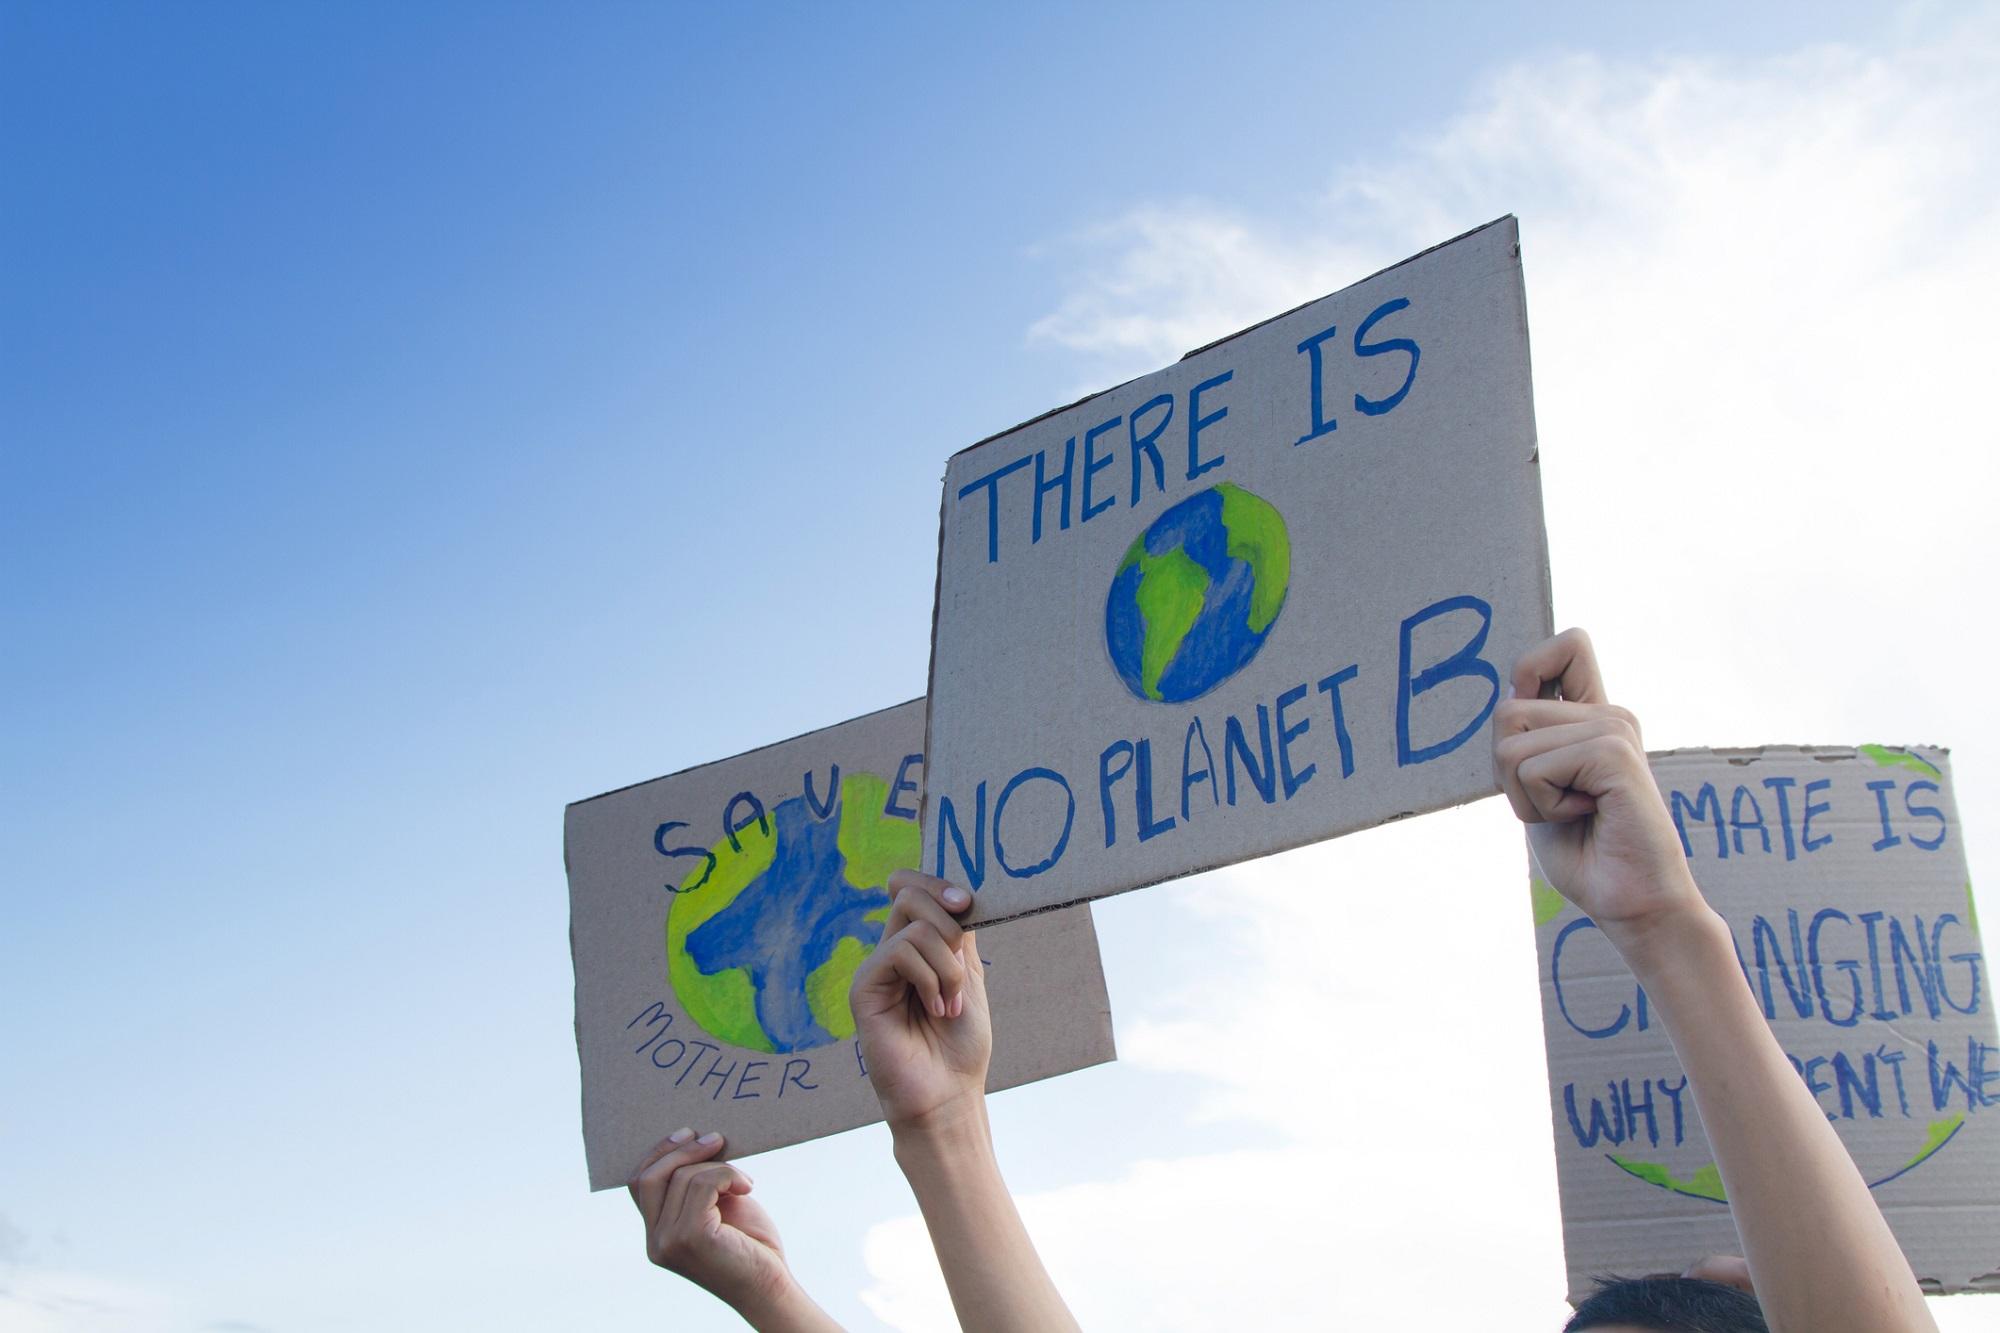 COP25 : DES LEÇONS INQUIÉTANTES SUR LA CRISE CLIMATIQUE